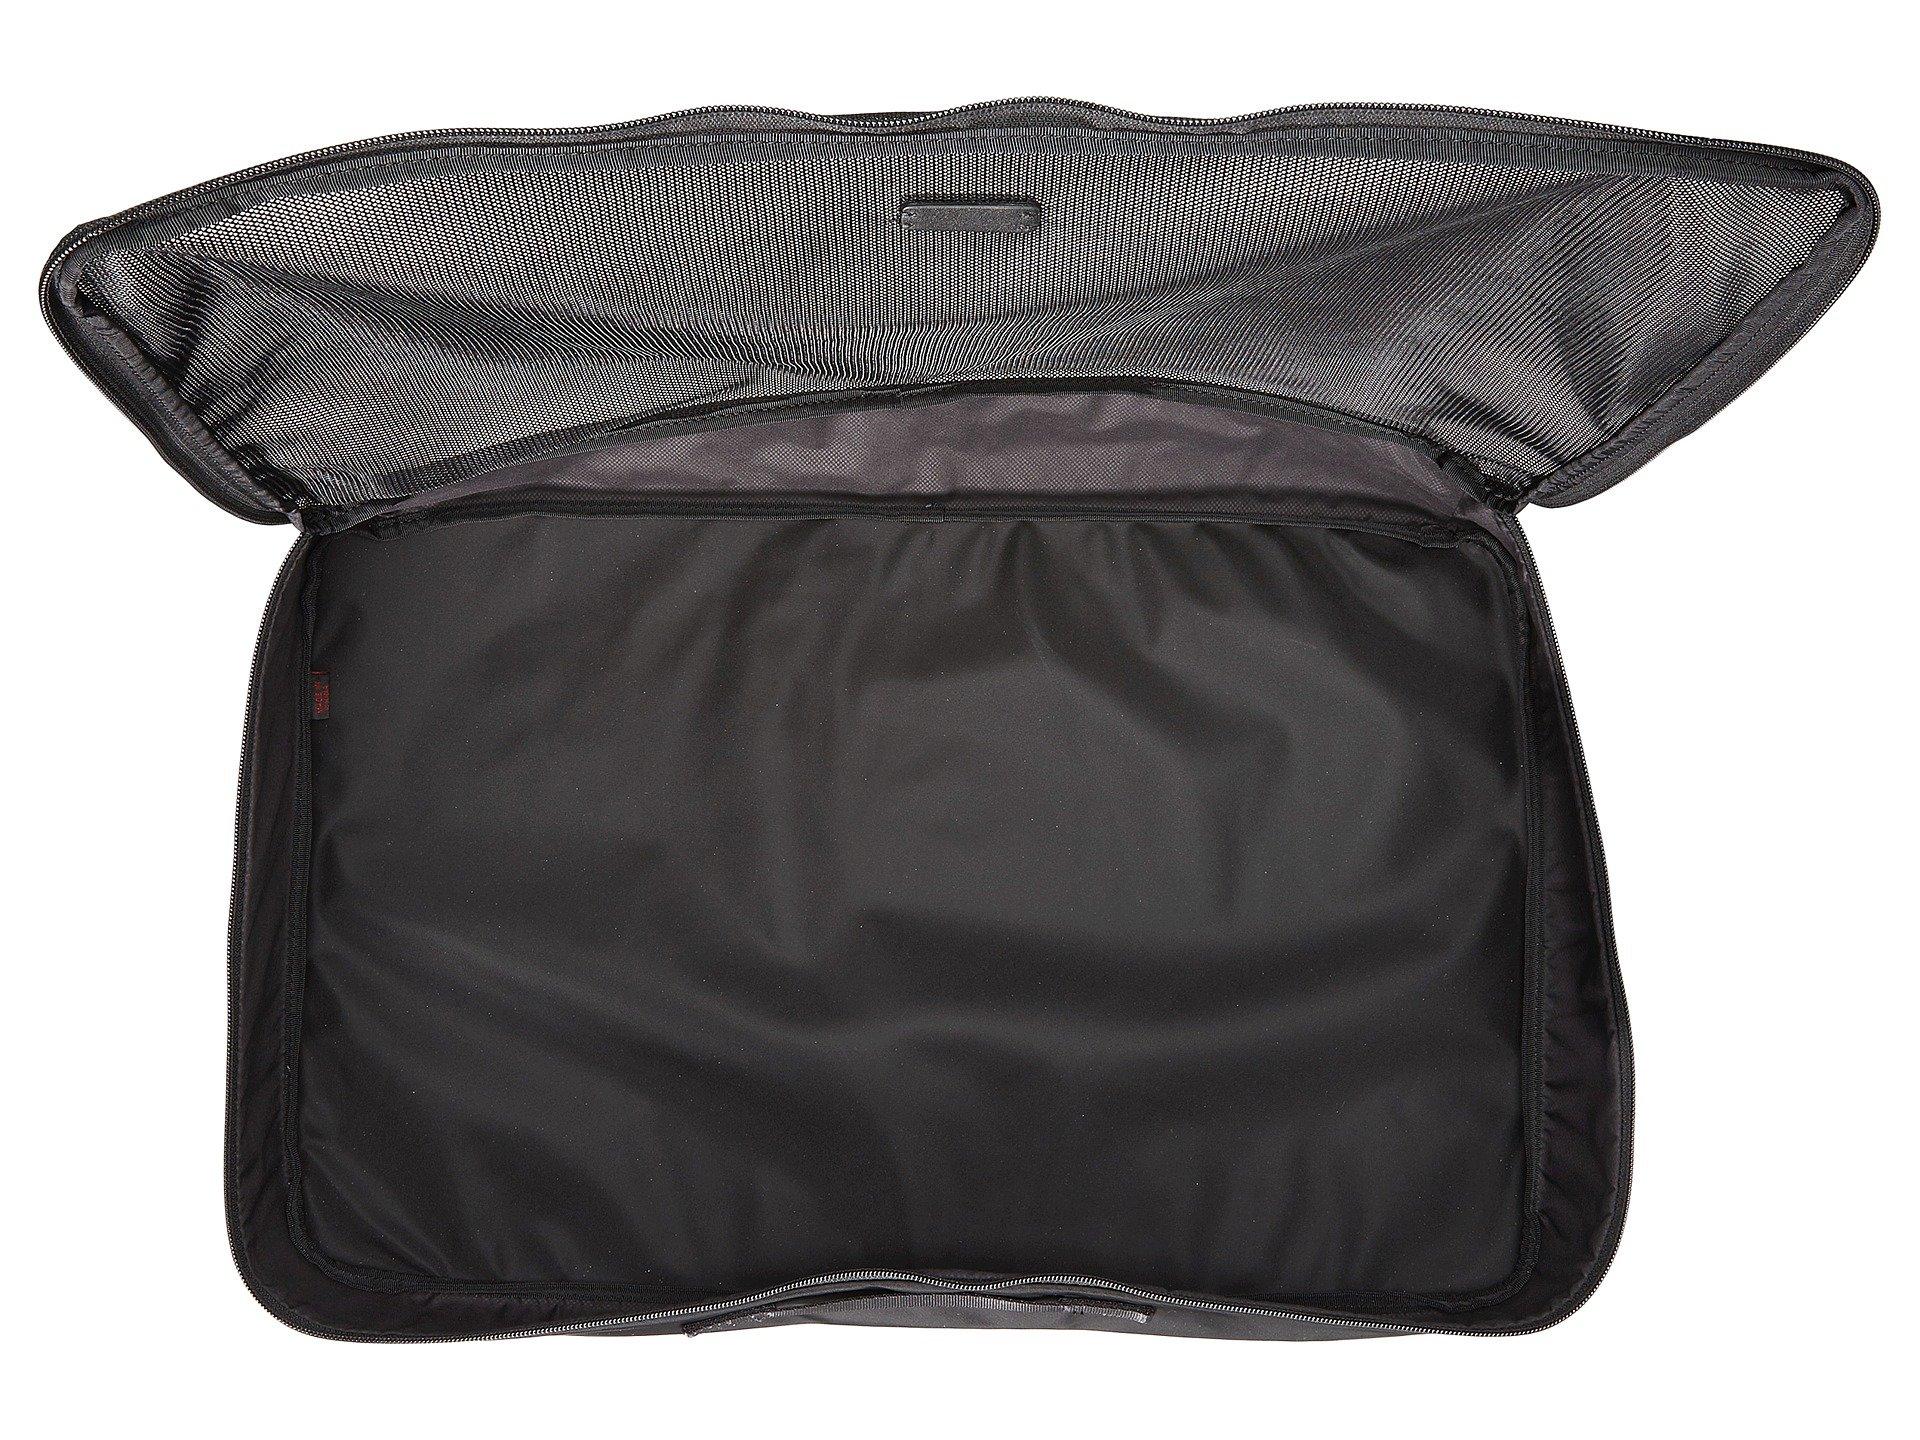 Extra Large Packing Cube Black Tumi RdBaWR